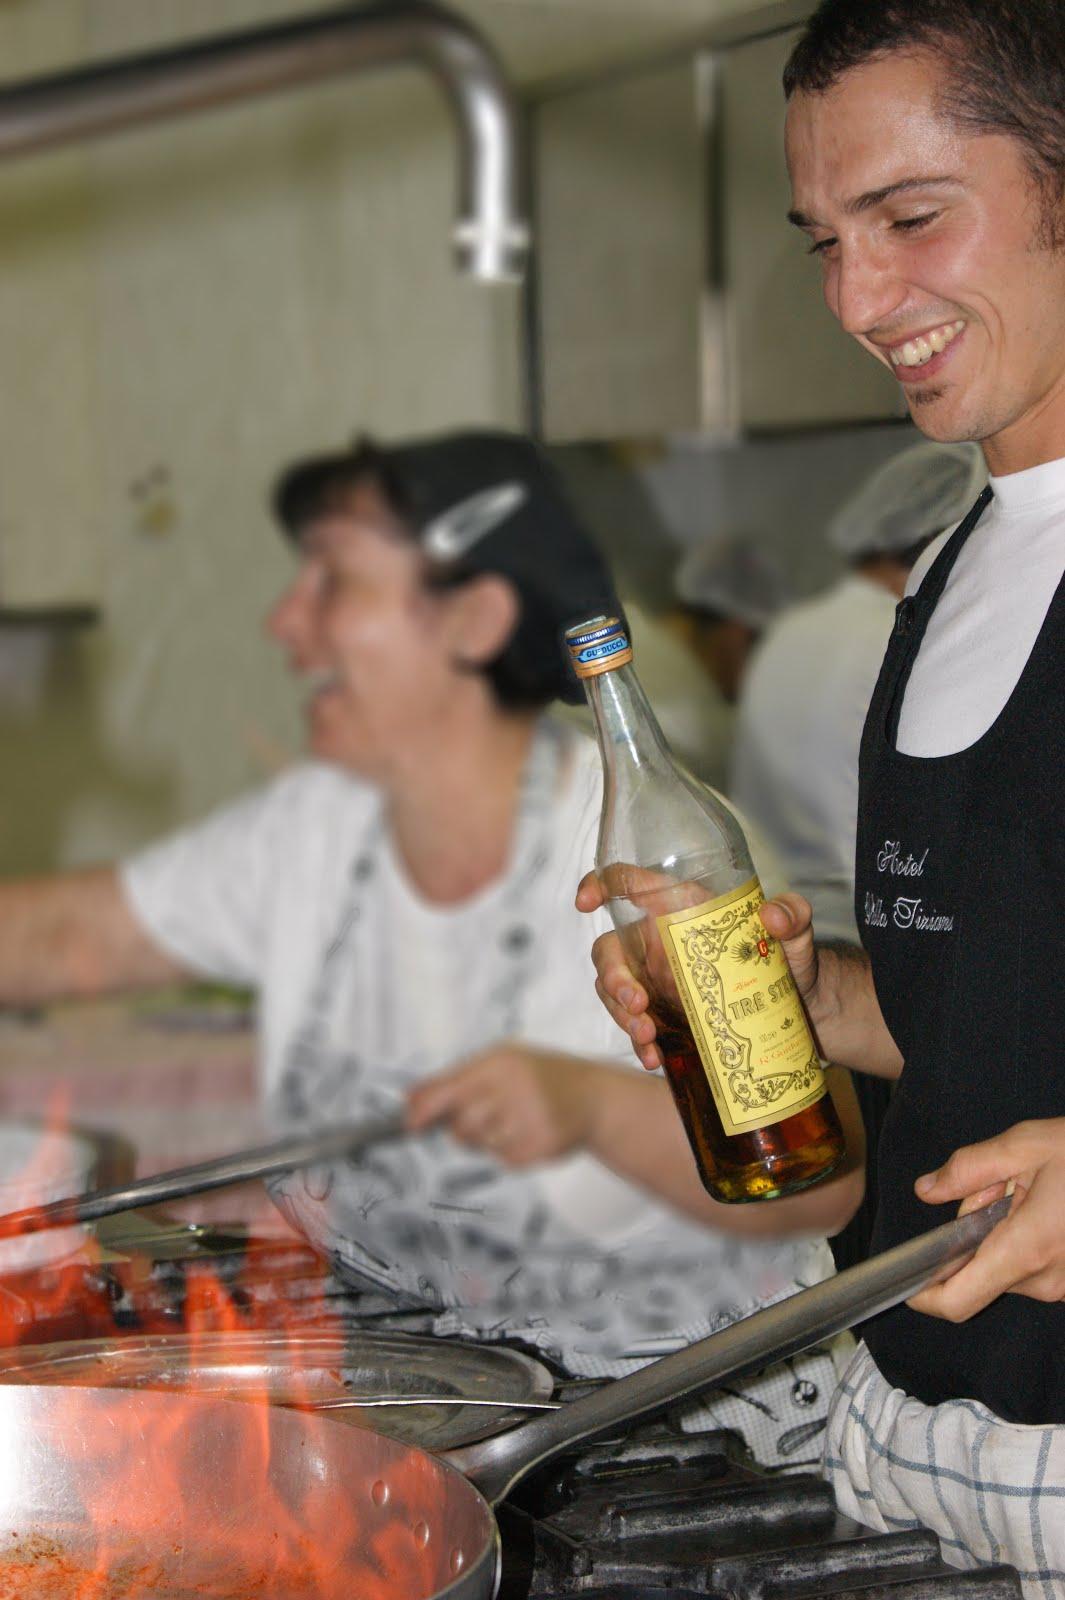 Le ricette di un trentenne toscano, DISORDINATO CRONICO, con la passione per la cucina.